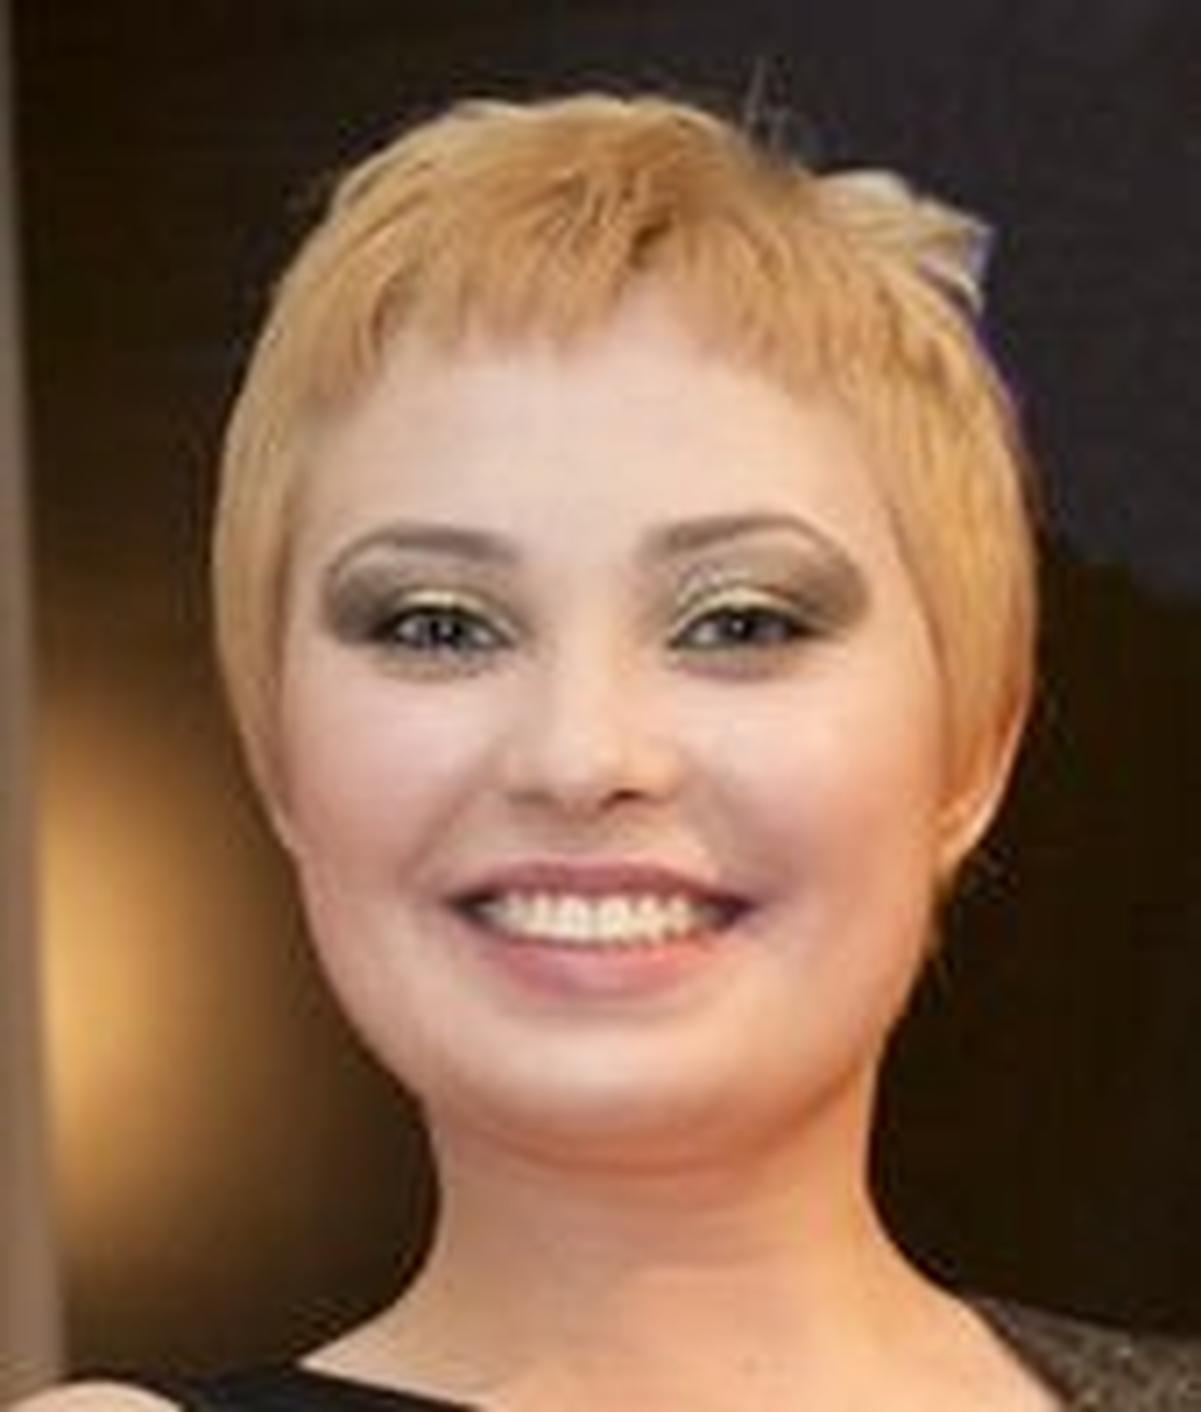 trahane-straponom-sofiya-prada-aktrisa-onlayn-devushka-zasovivaet